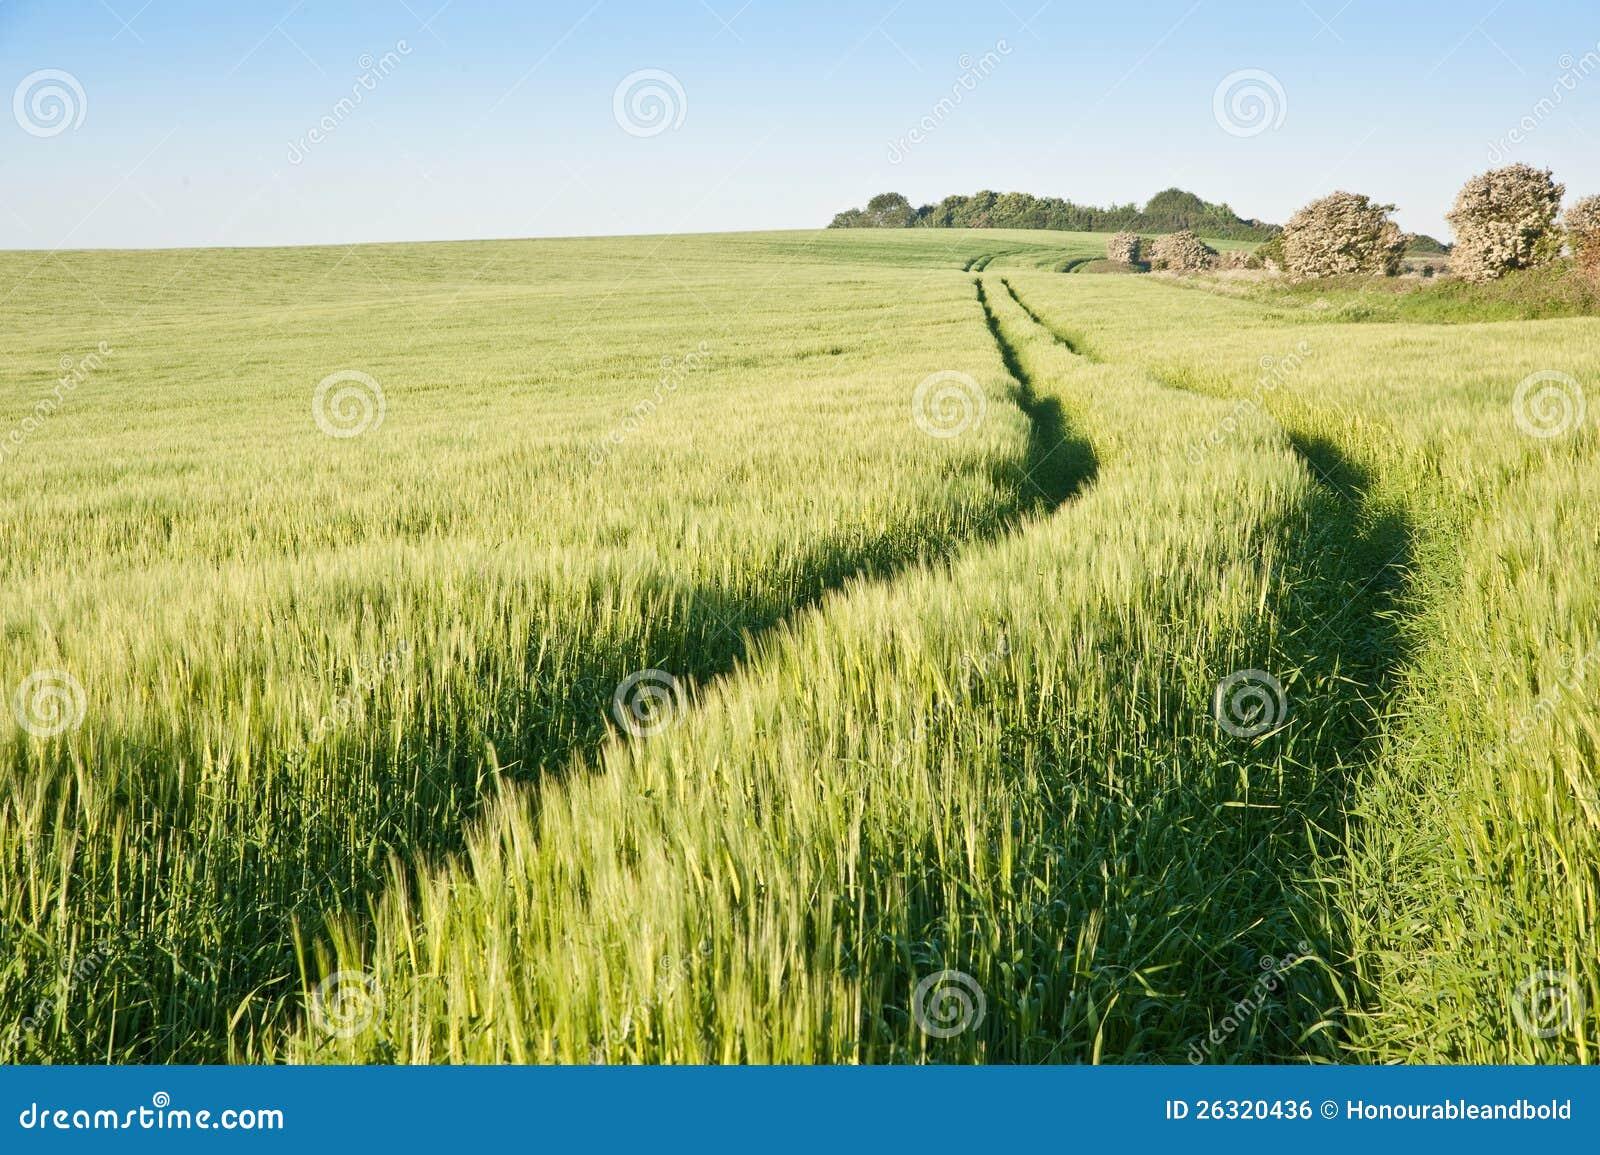 Weizenfeld am sonnenaufgang in der englischen landschaft for Dreamhome com